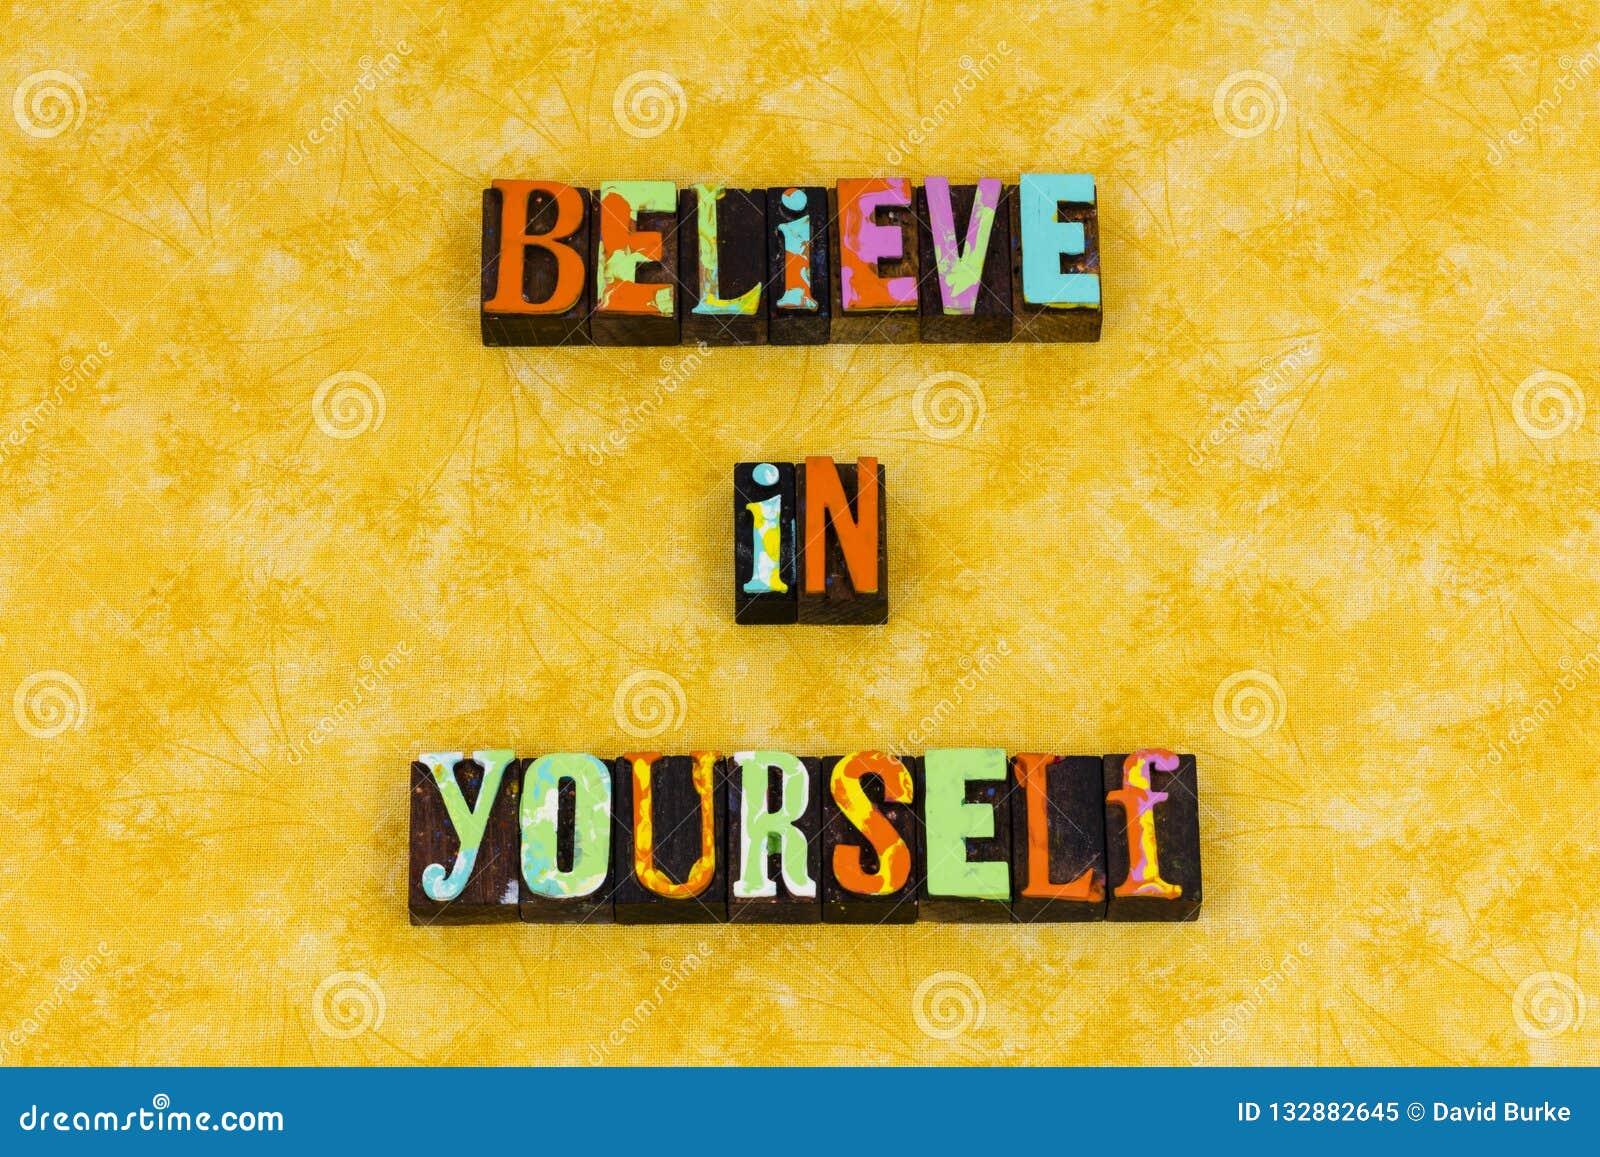 Believe Yourself Confidence Positive Attitude Stock Image ...